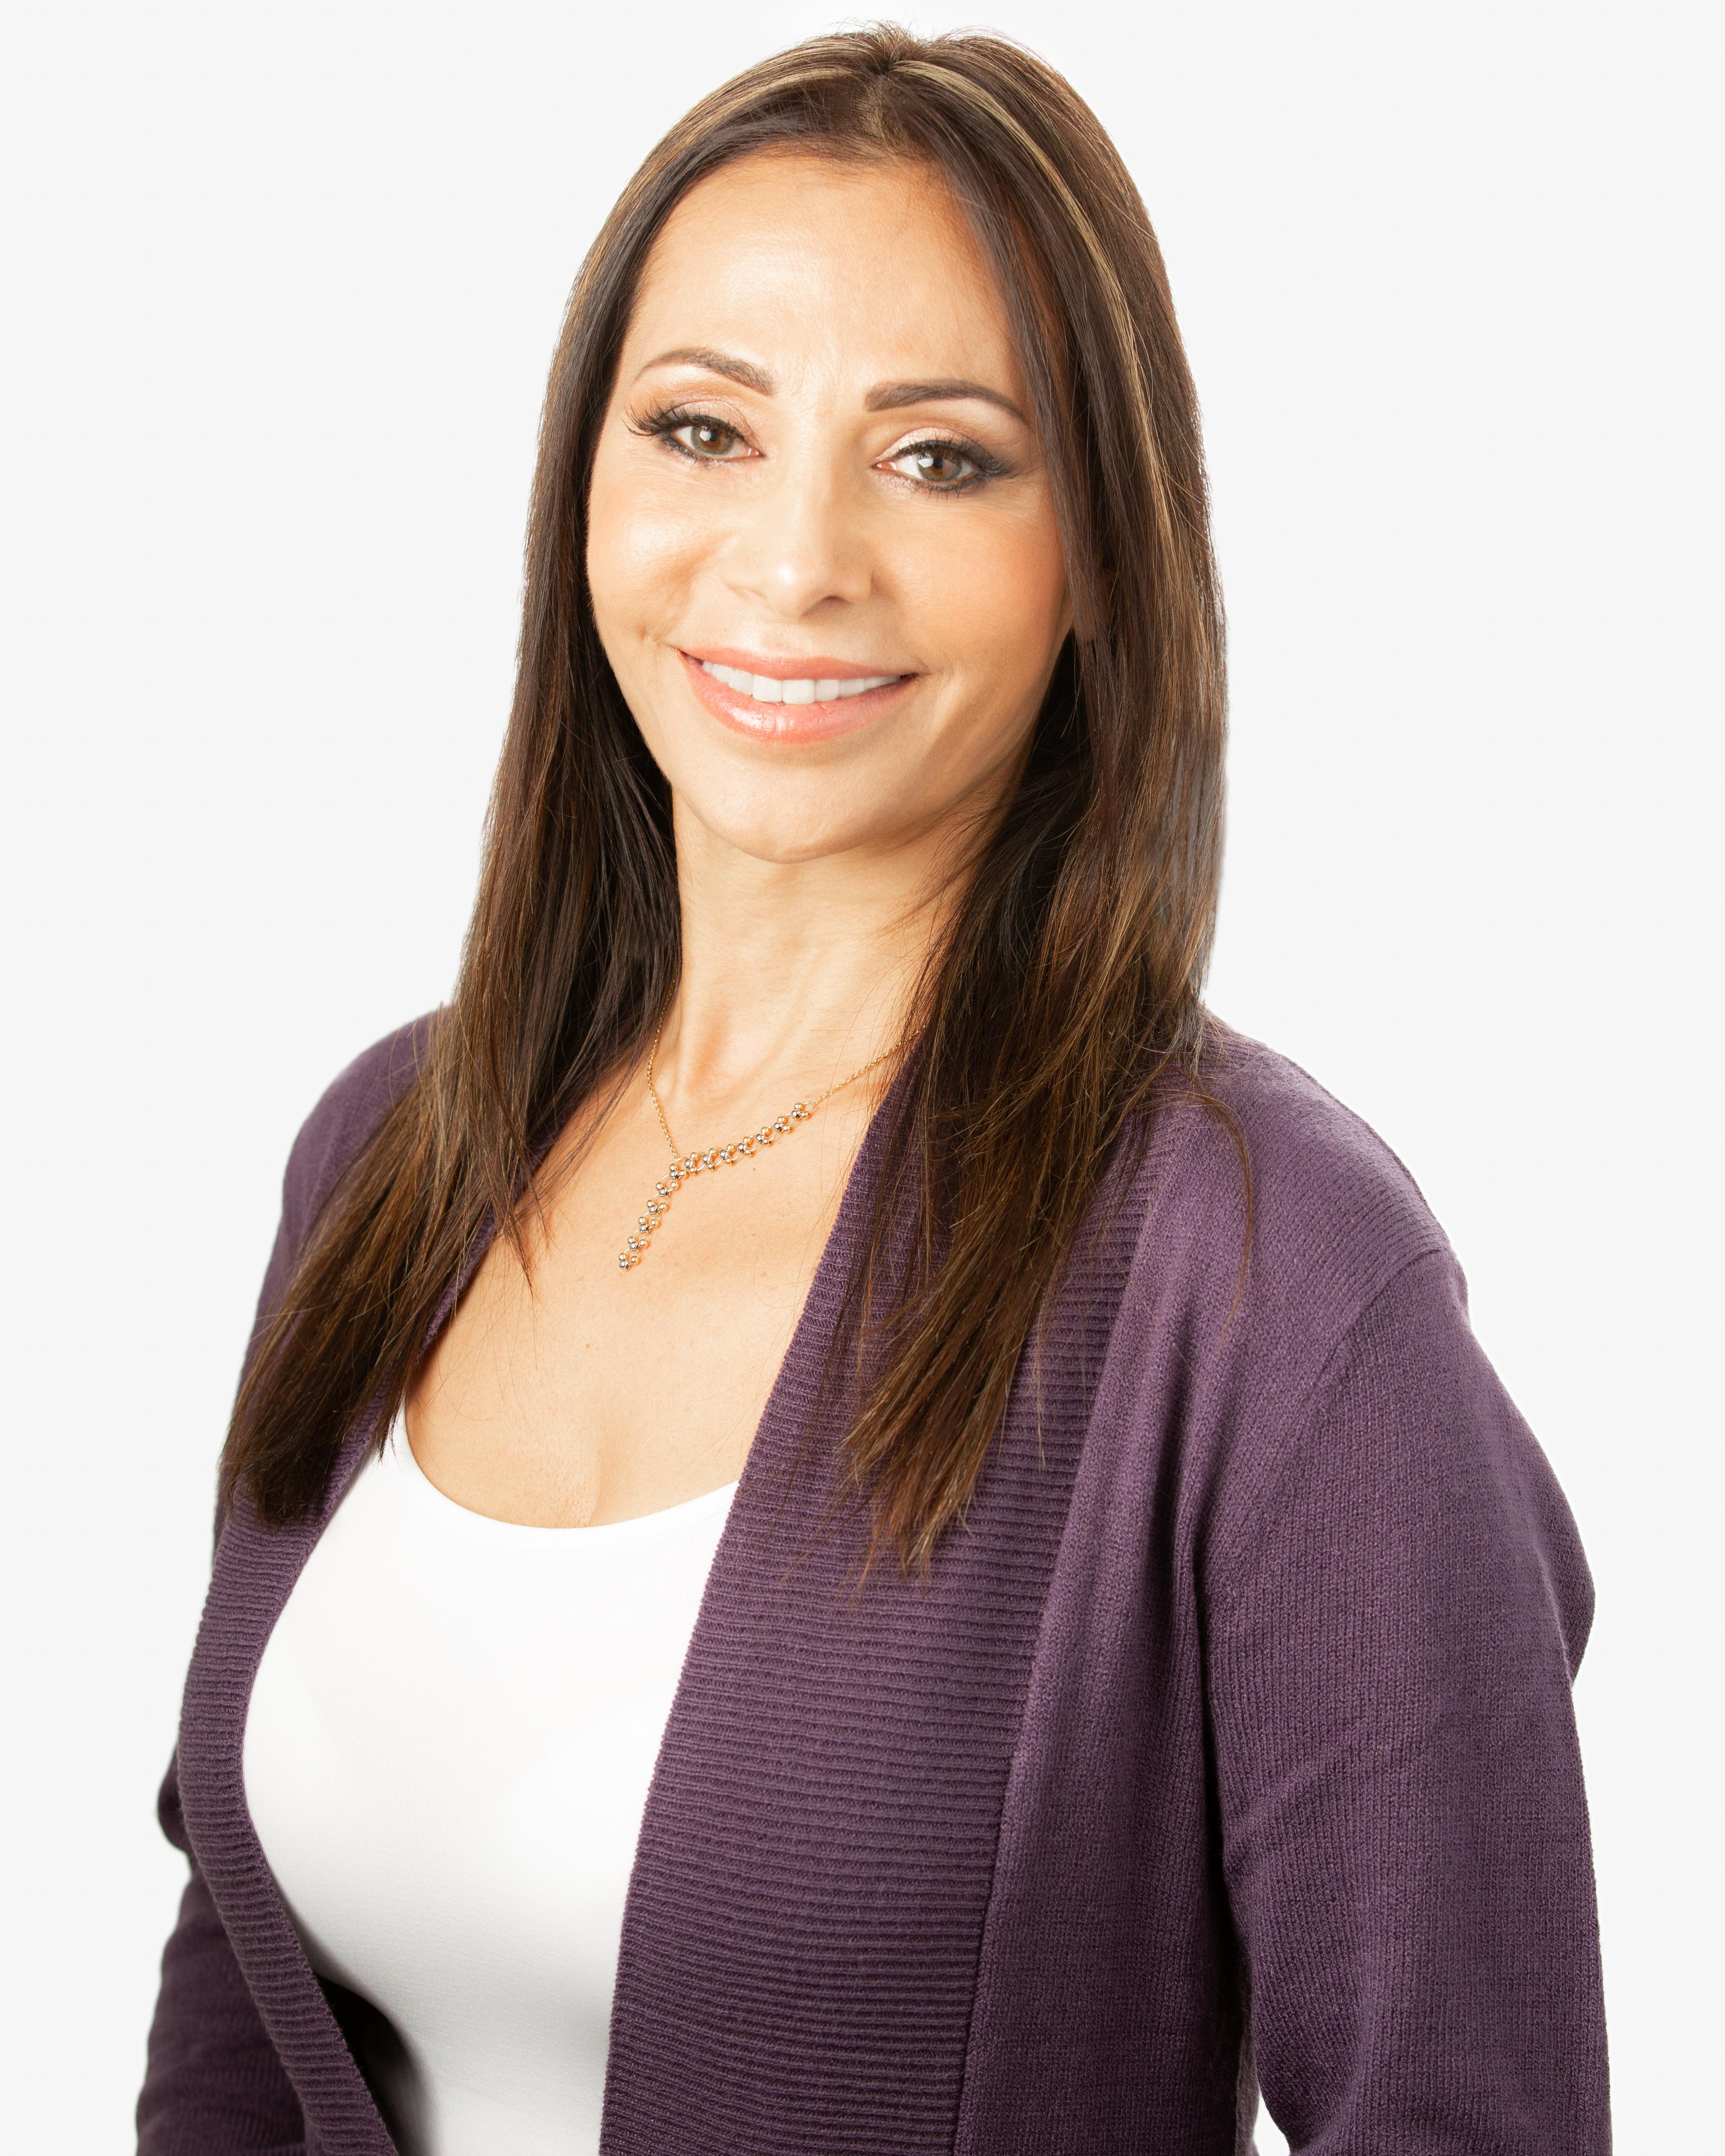 Joyce Abdallah